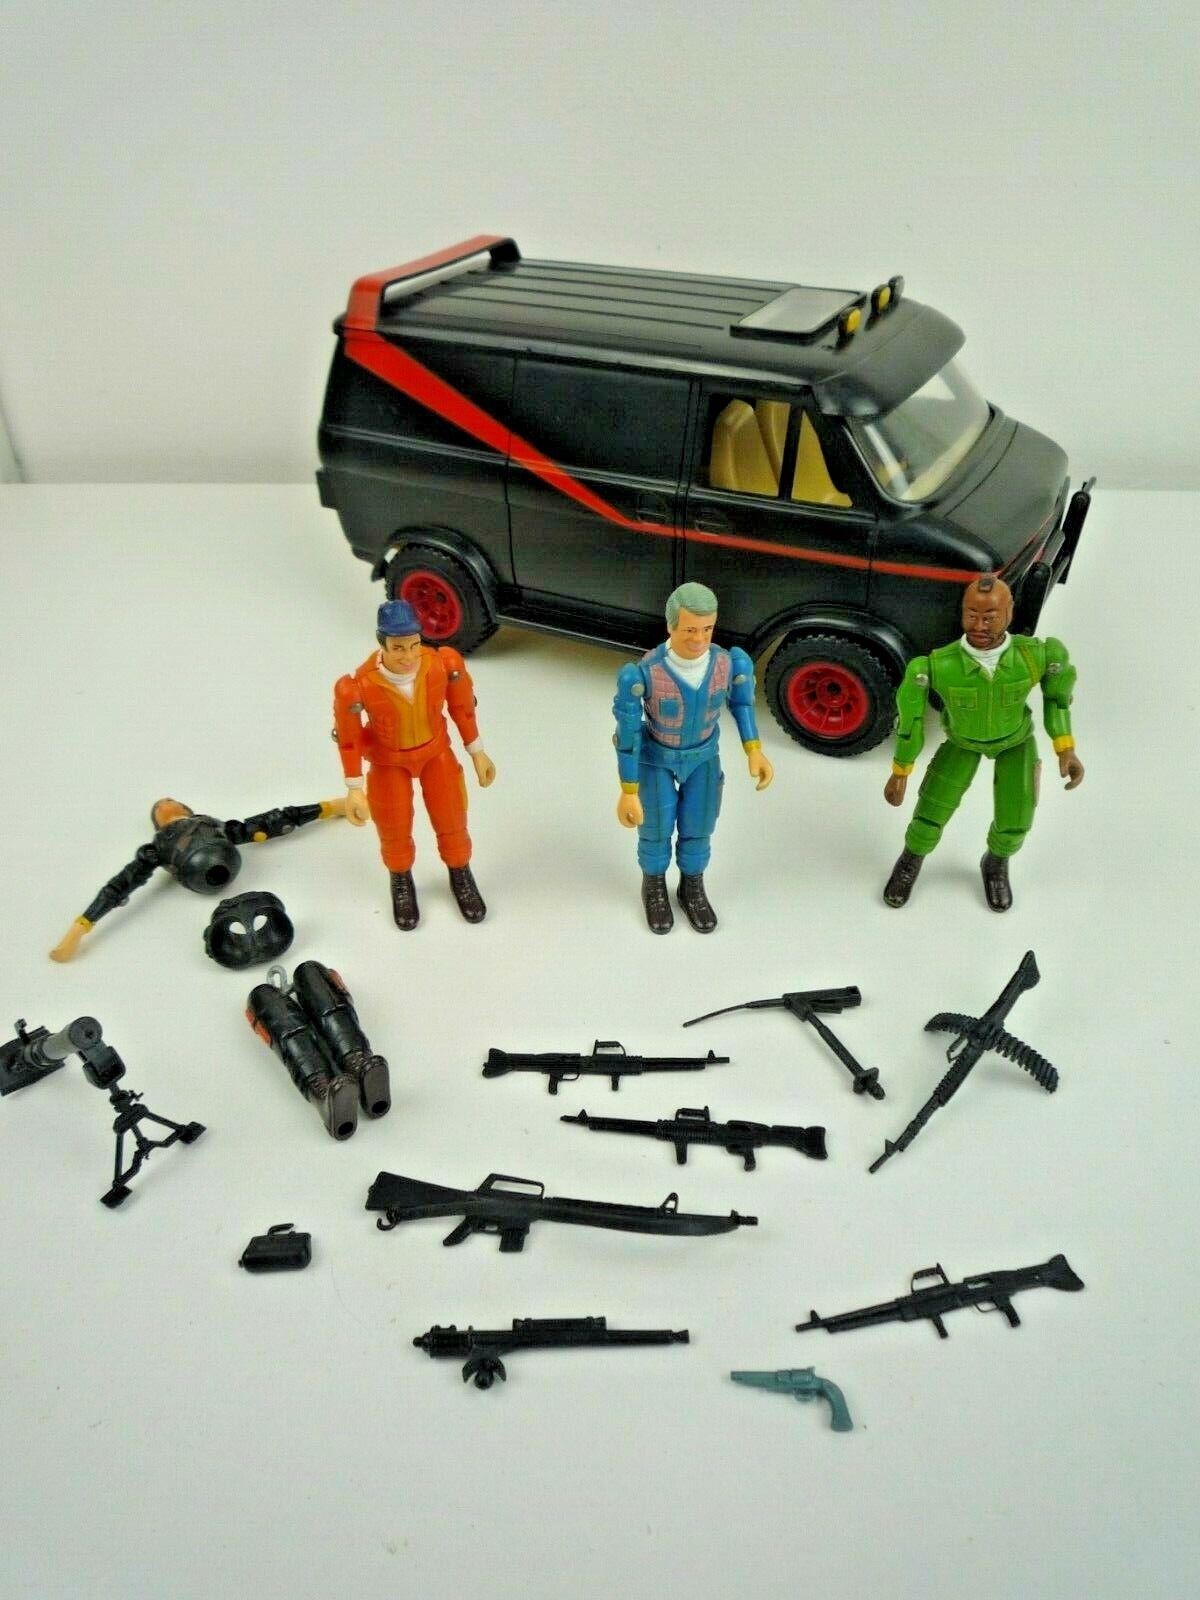 disfrutando de sus compras Vintage década de 1980 1980 1980 Galoob a-team Van con 4 figuras y algunas armas Accesorios  orden ahora con gran descuento y entrega gratuita